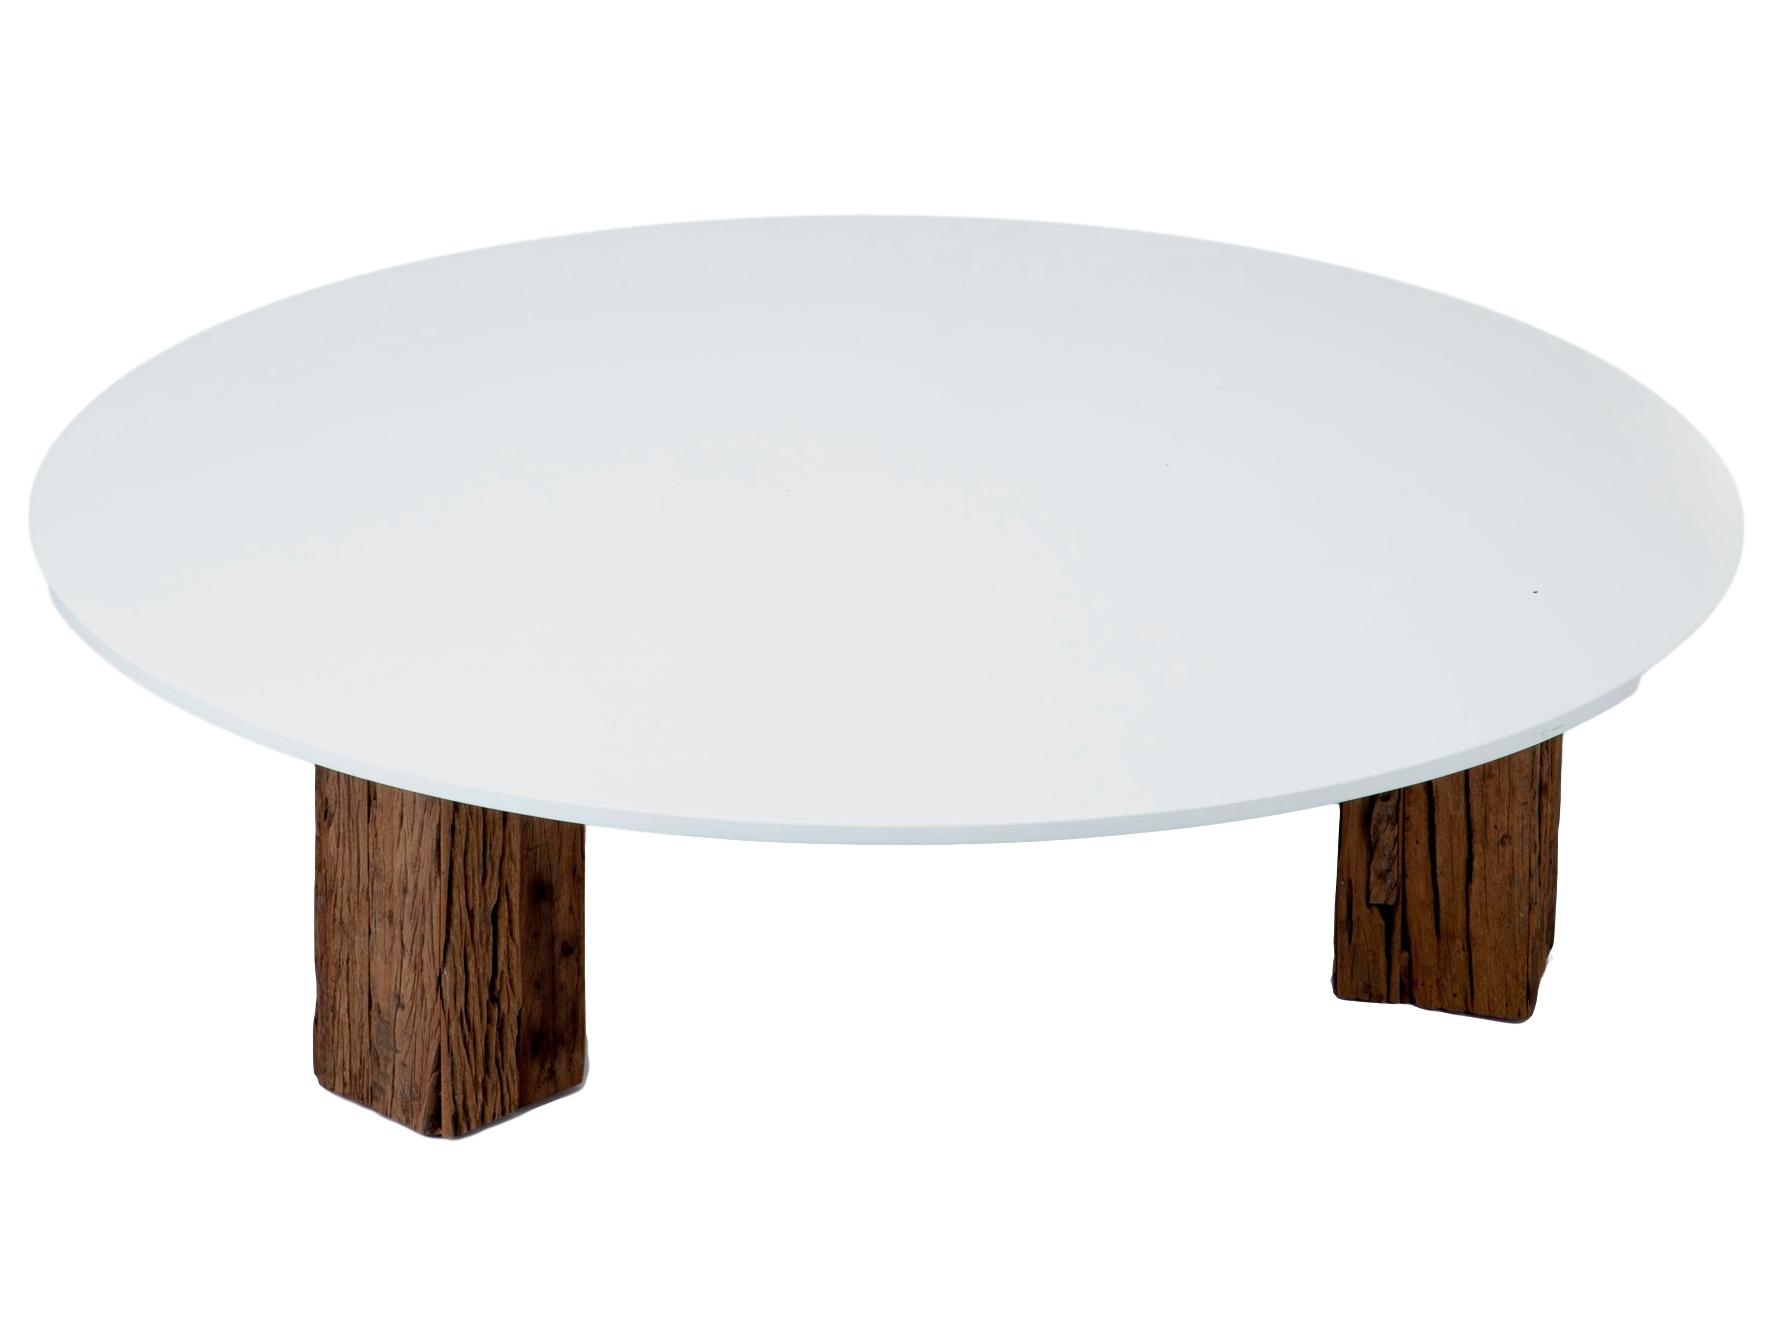 Стол кофейныйКофейные столики<br>Круглый кофейный стол на ножках из состаренного дерева (шпаловое дерево) имеет глянцевую белую столешницу.<br><br>Material: Дерево<br>Height см: 41<br>Diameter см: 150